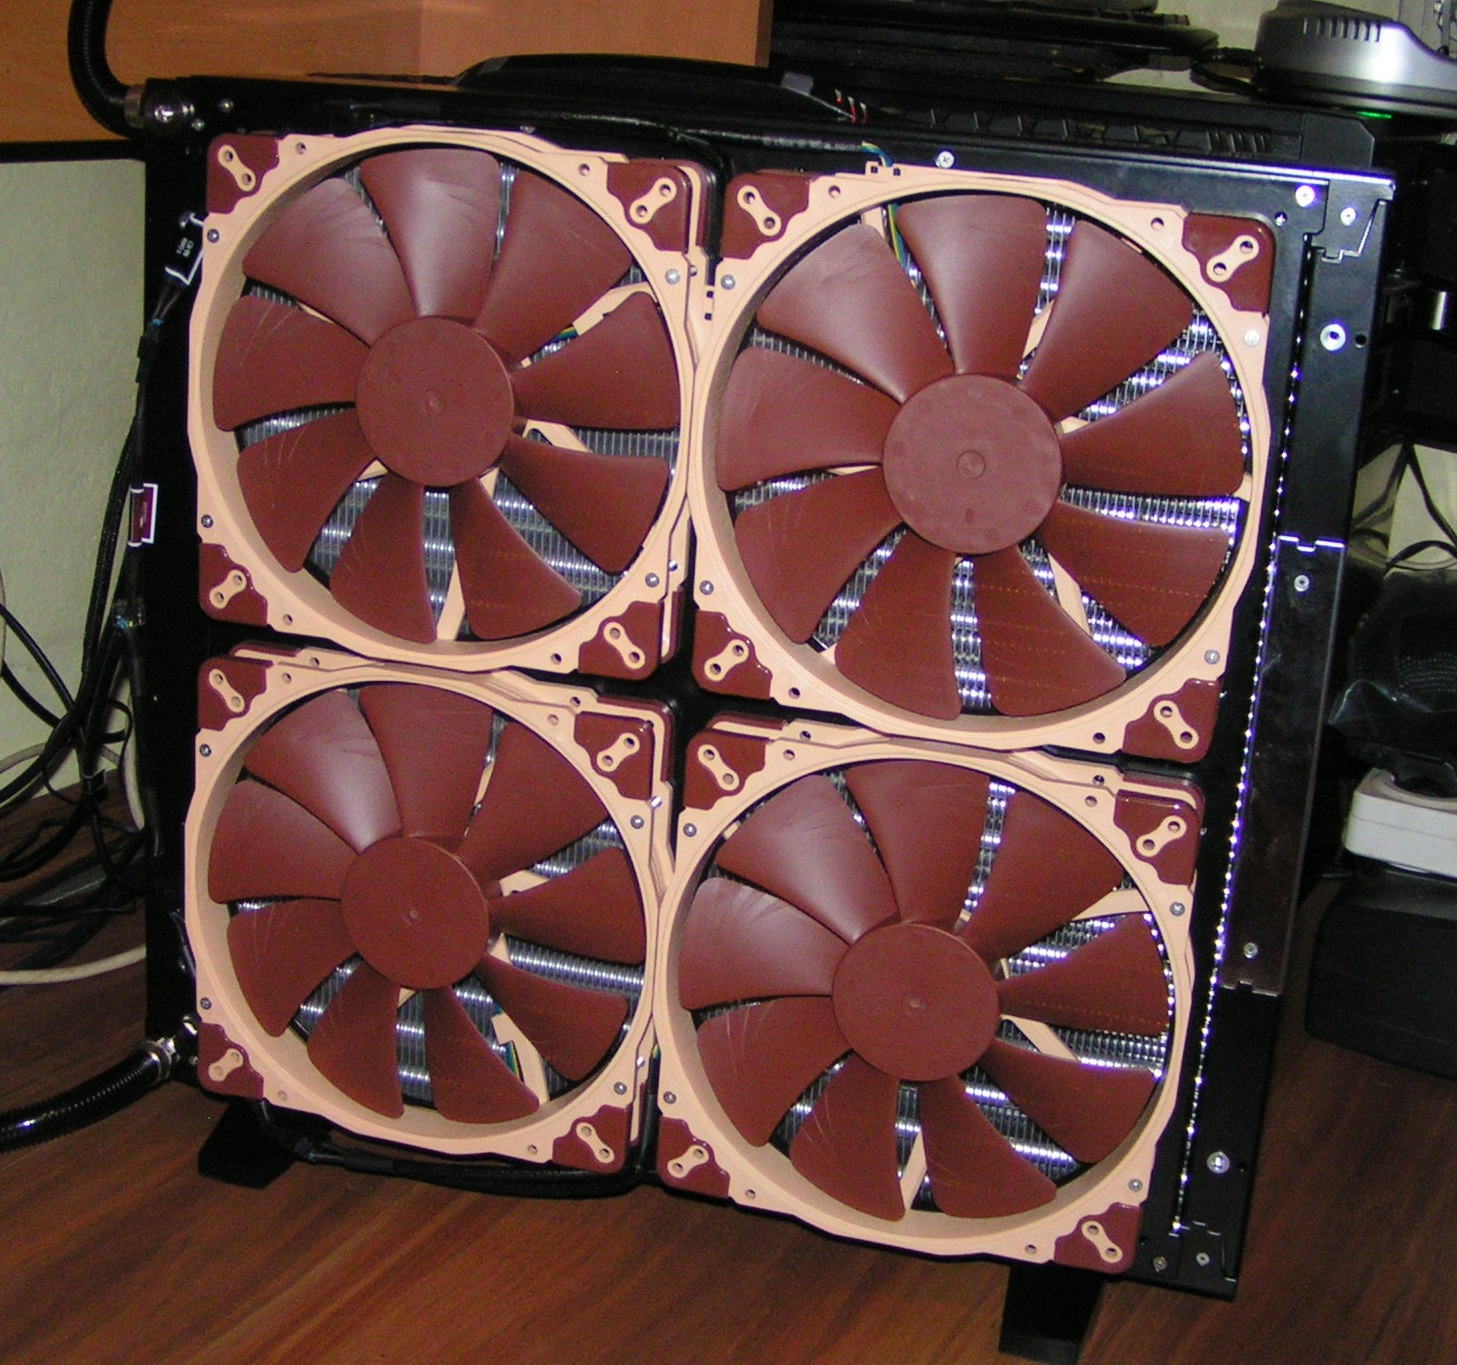 kaufberatung wie gro muss der radiator sein seite 2 computerbase forum. Black Bedroom Furniture Sets. Home Design Ideas